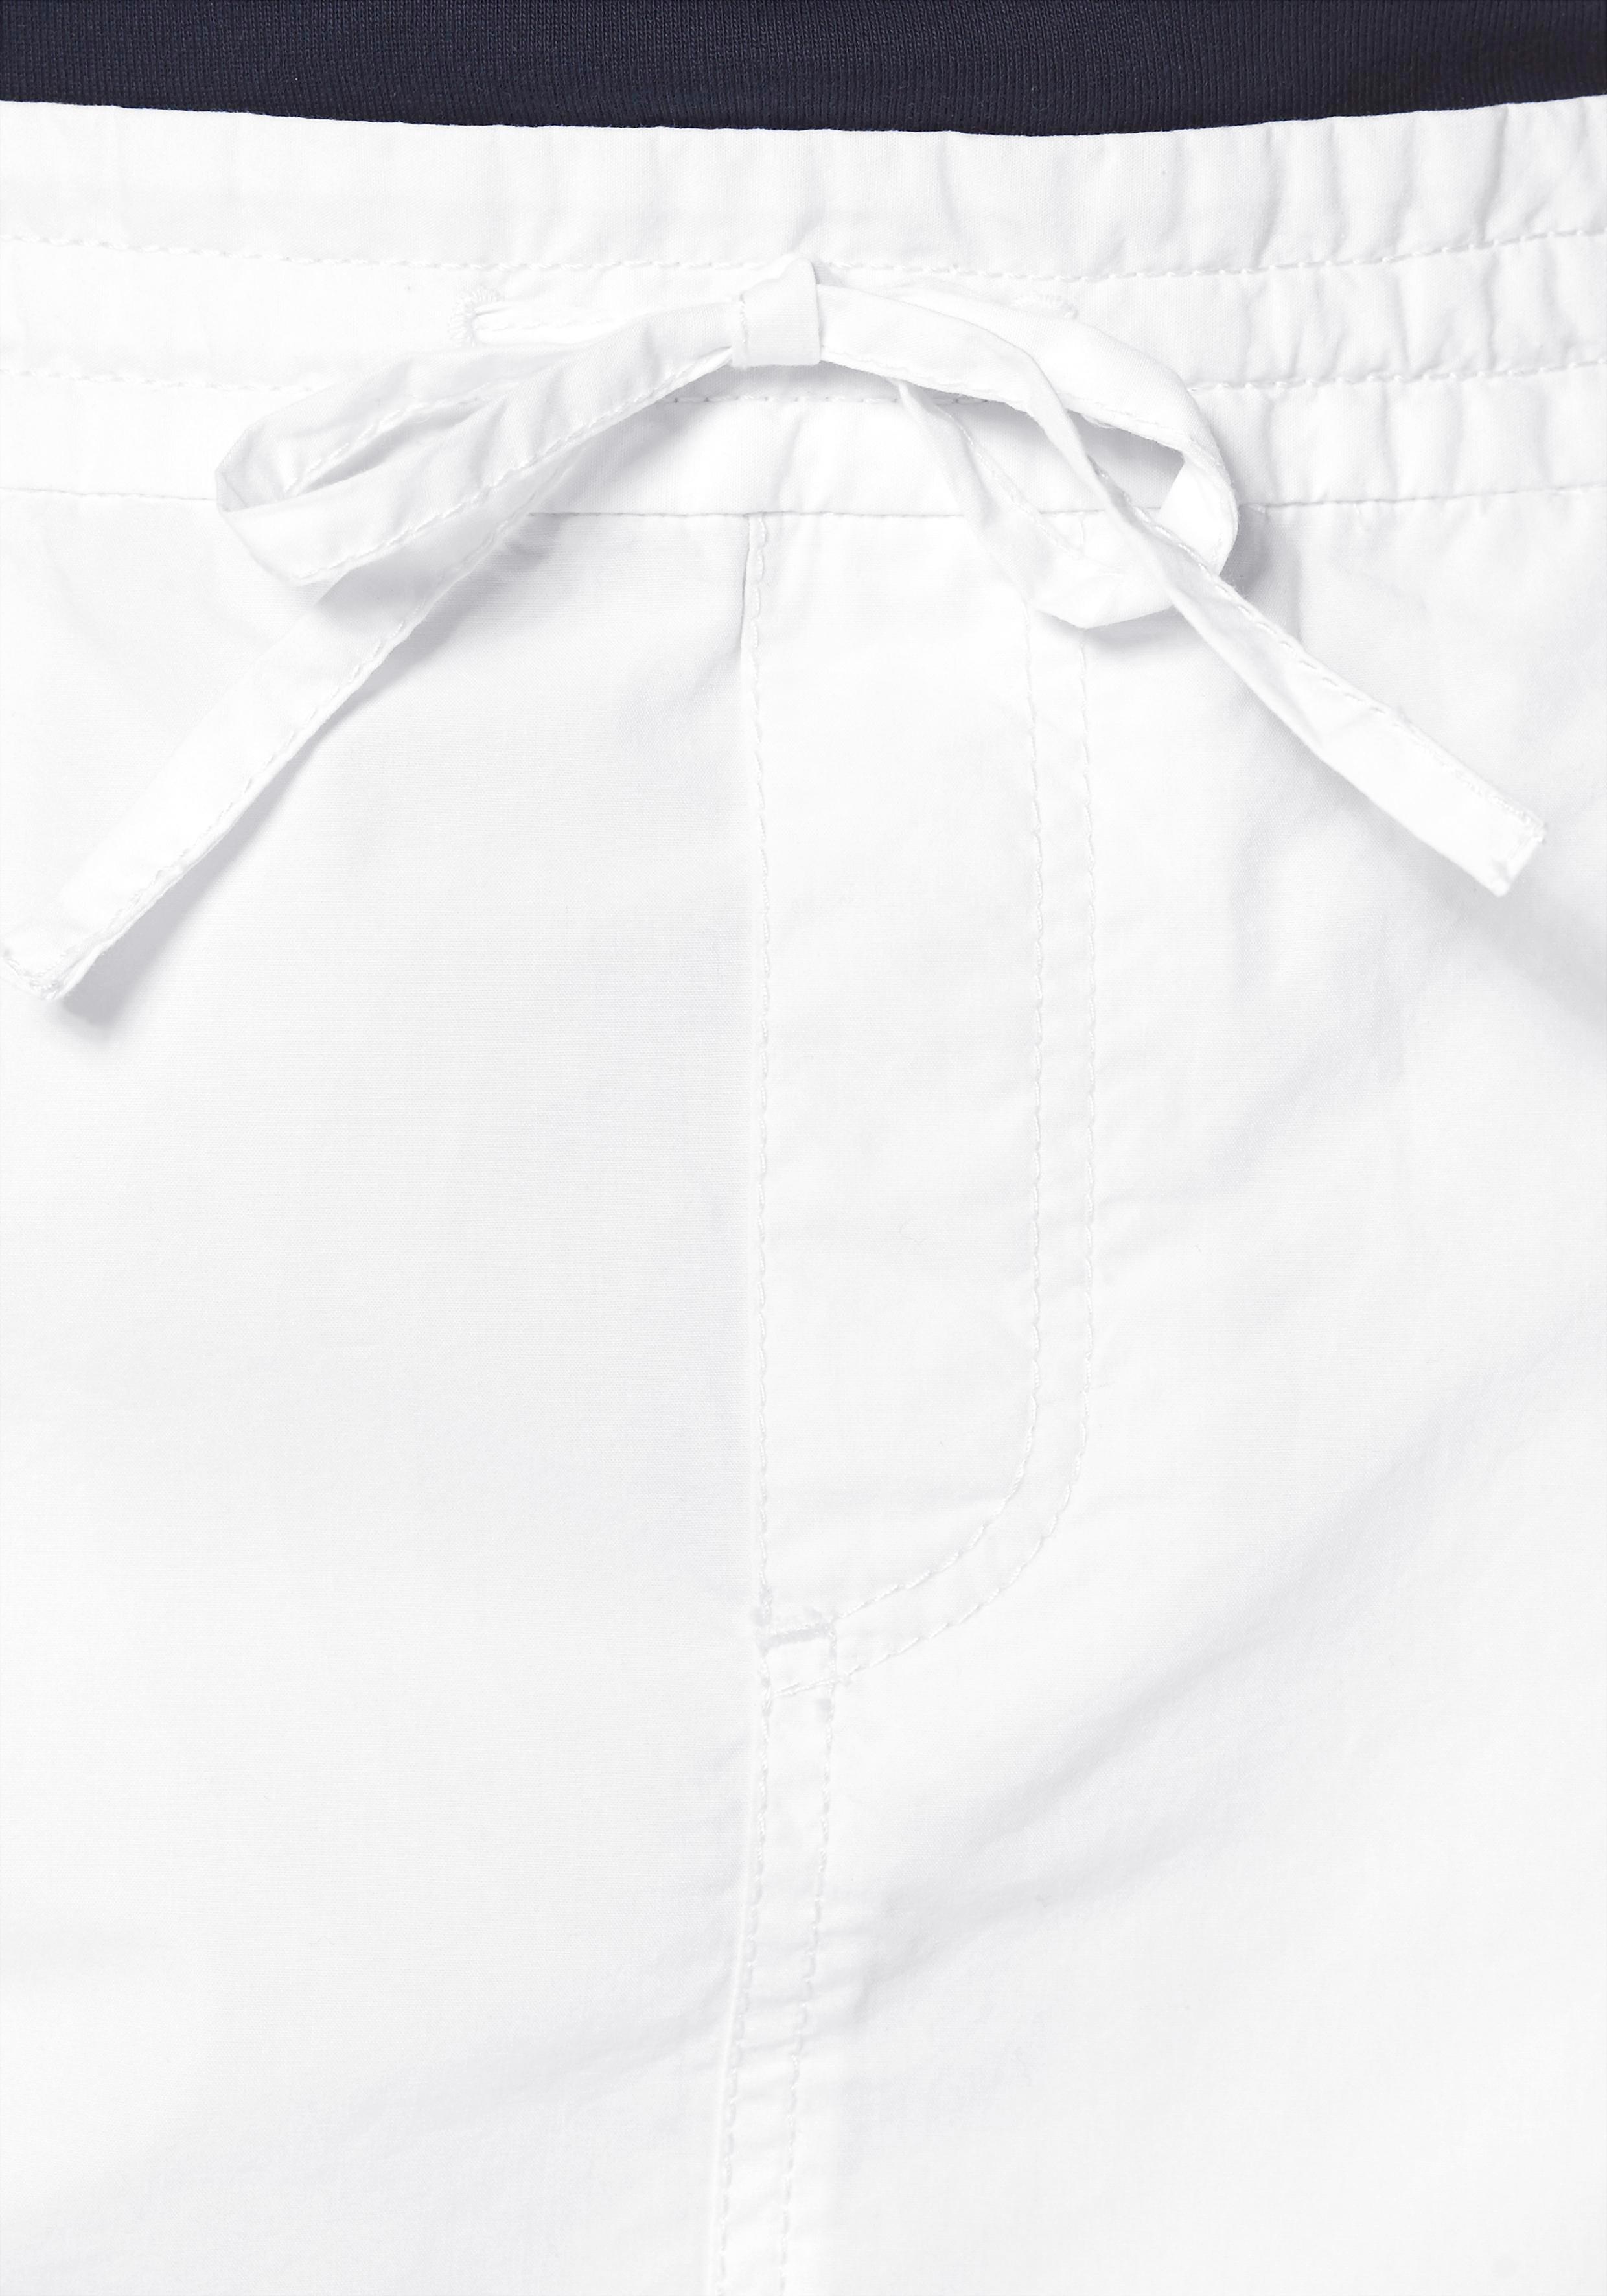 Boysen's Cargorok Met Bij Aanrimpeling Online ZiOkPXu